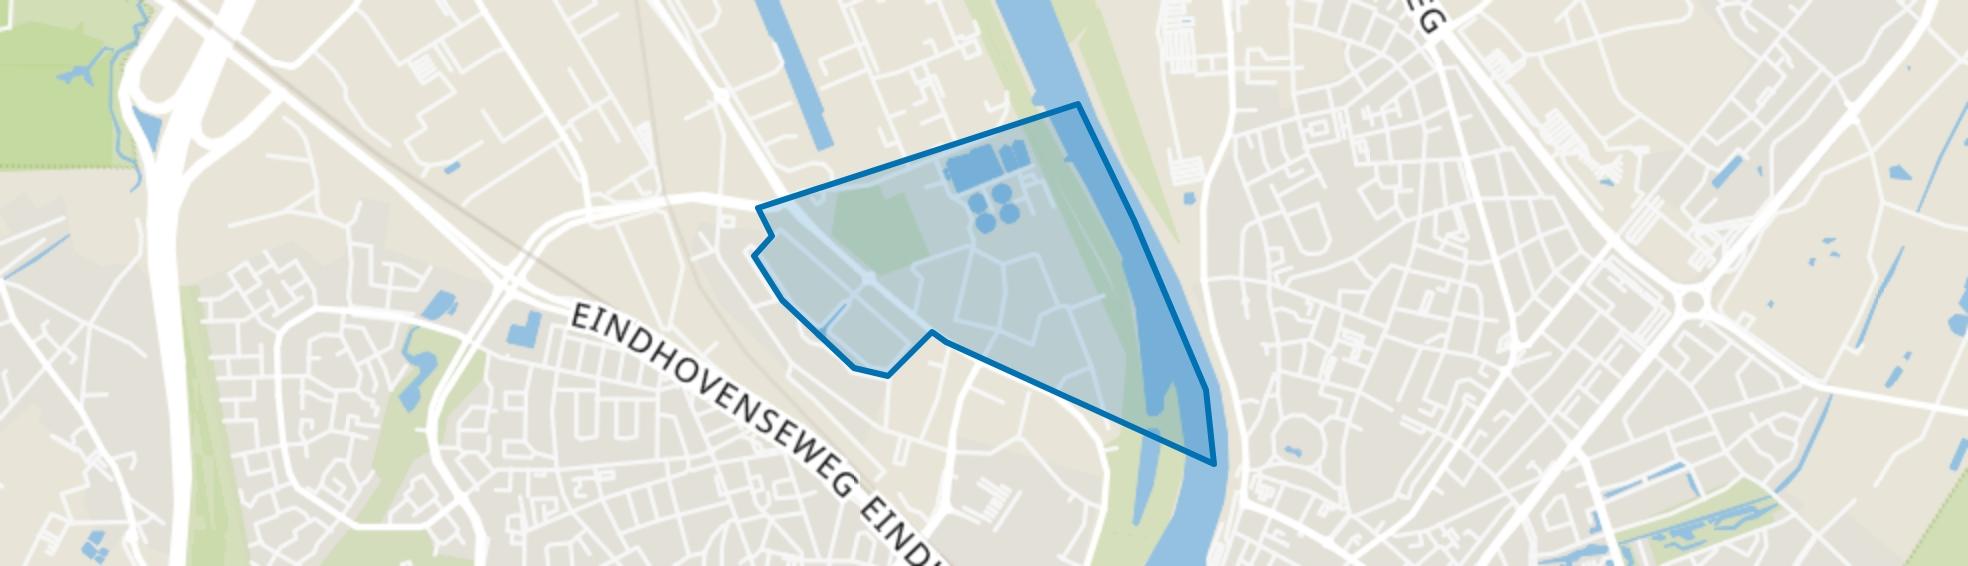 Ubroek, Venlo map